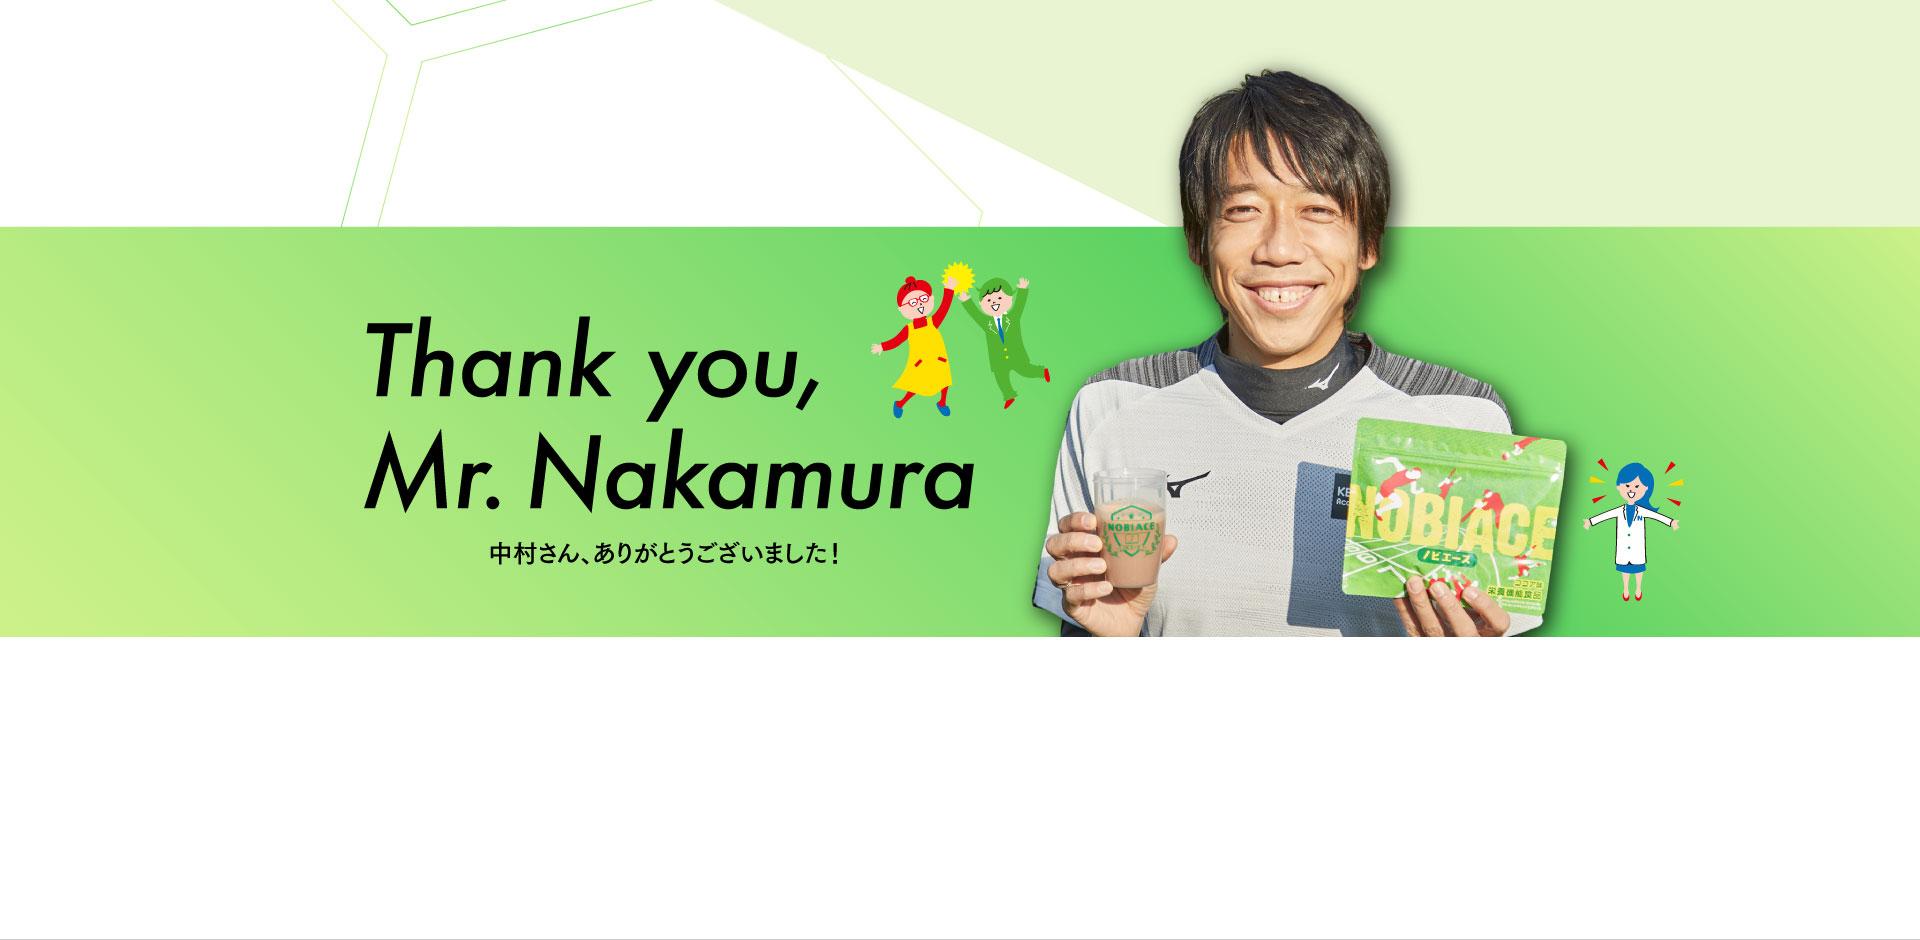 中村さん、ありがとうございました!